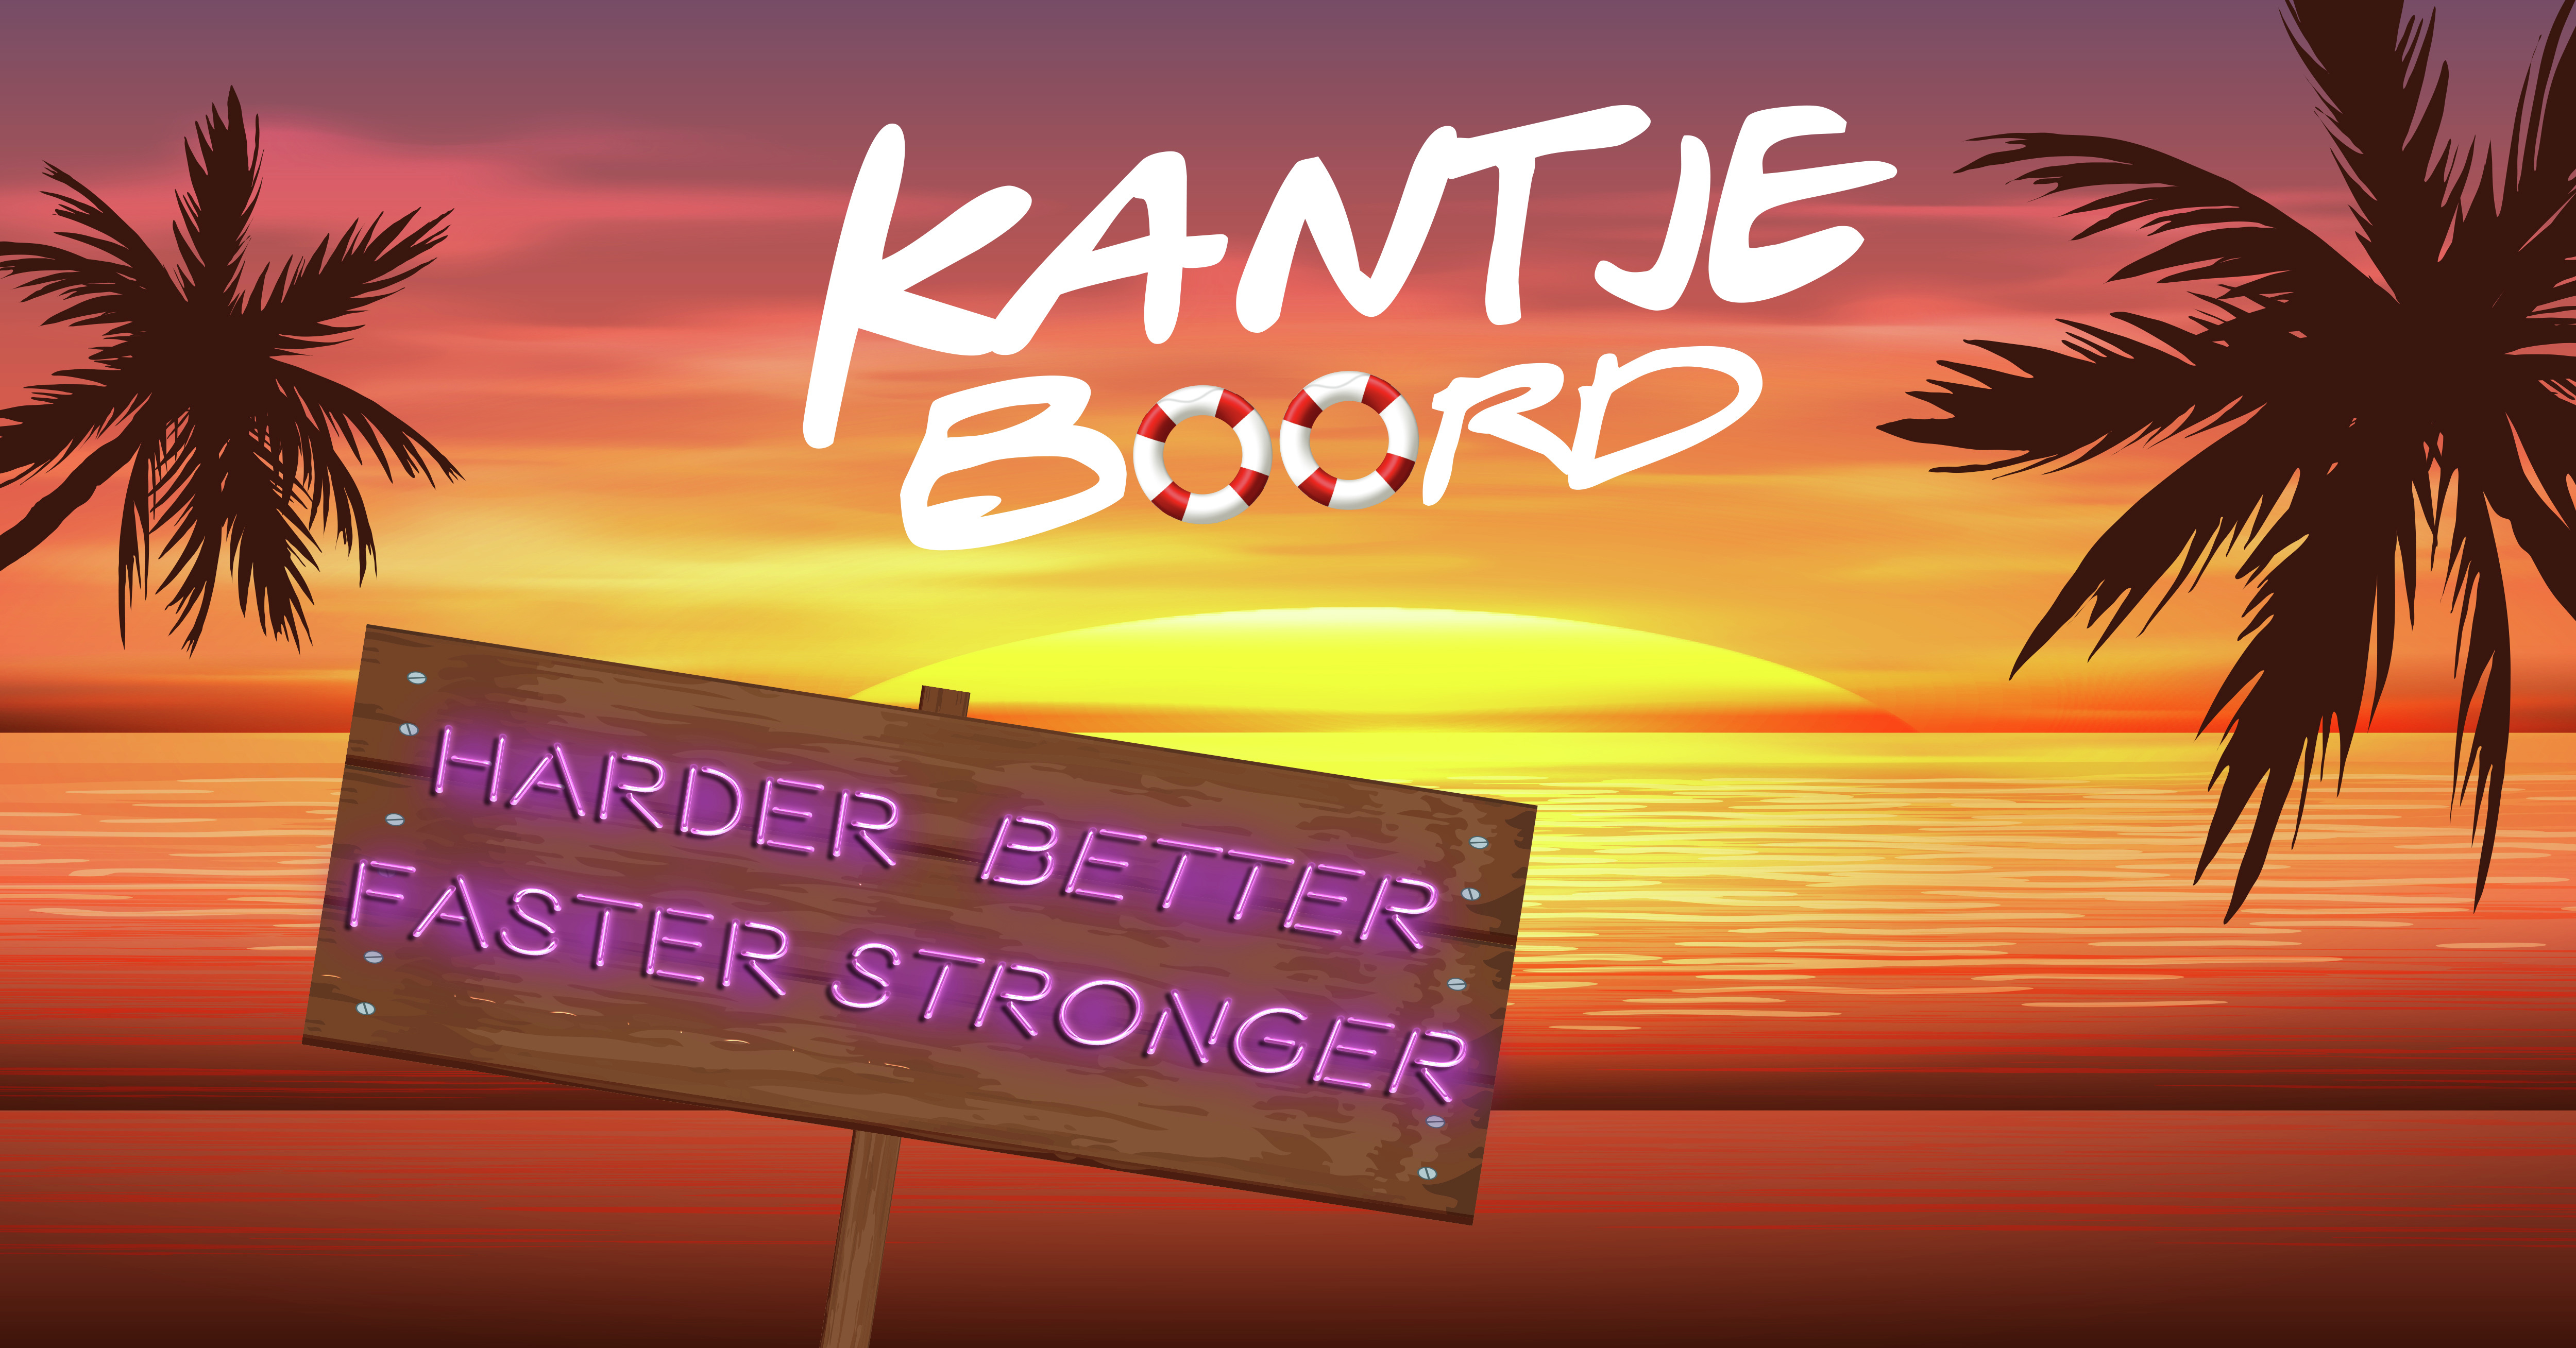 Kantje Boord 2019 Harder Better Faster Stronger